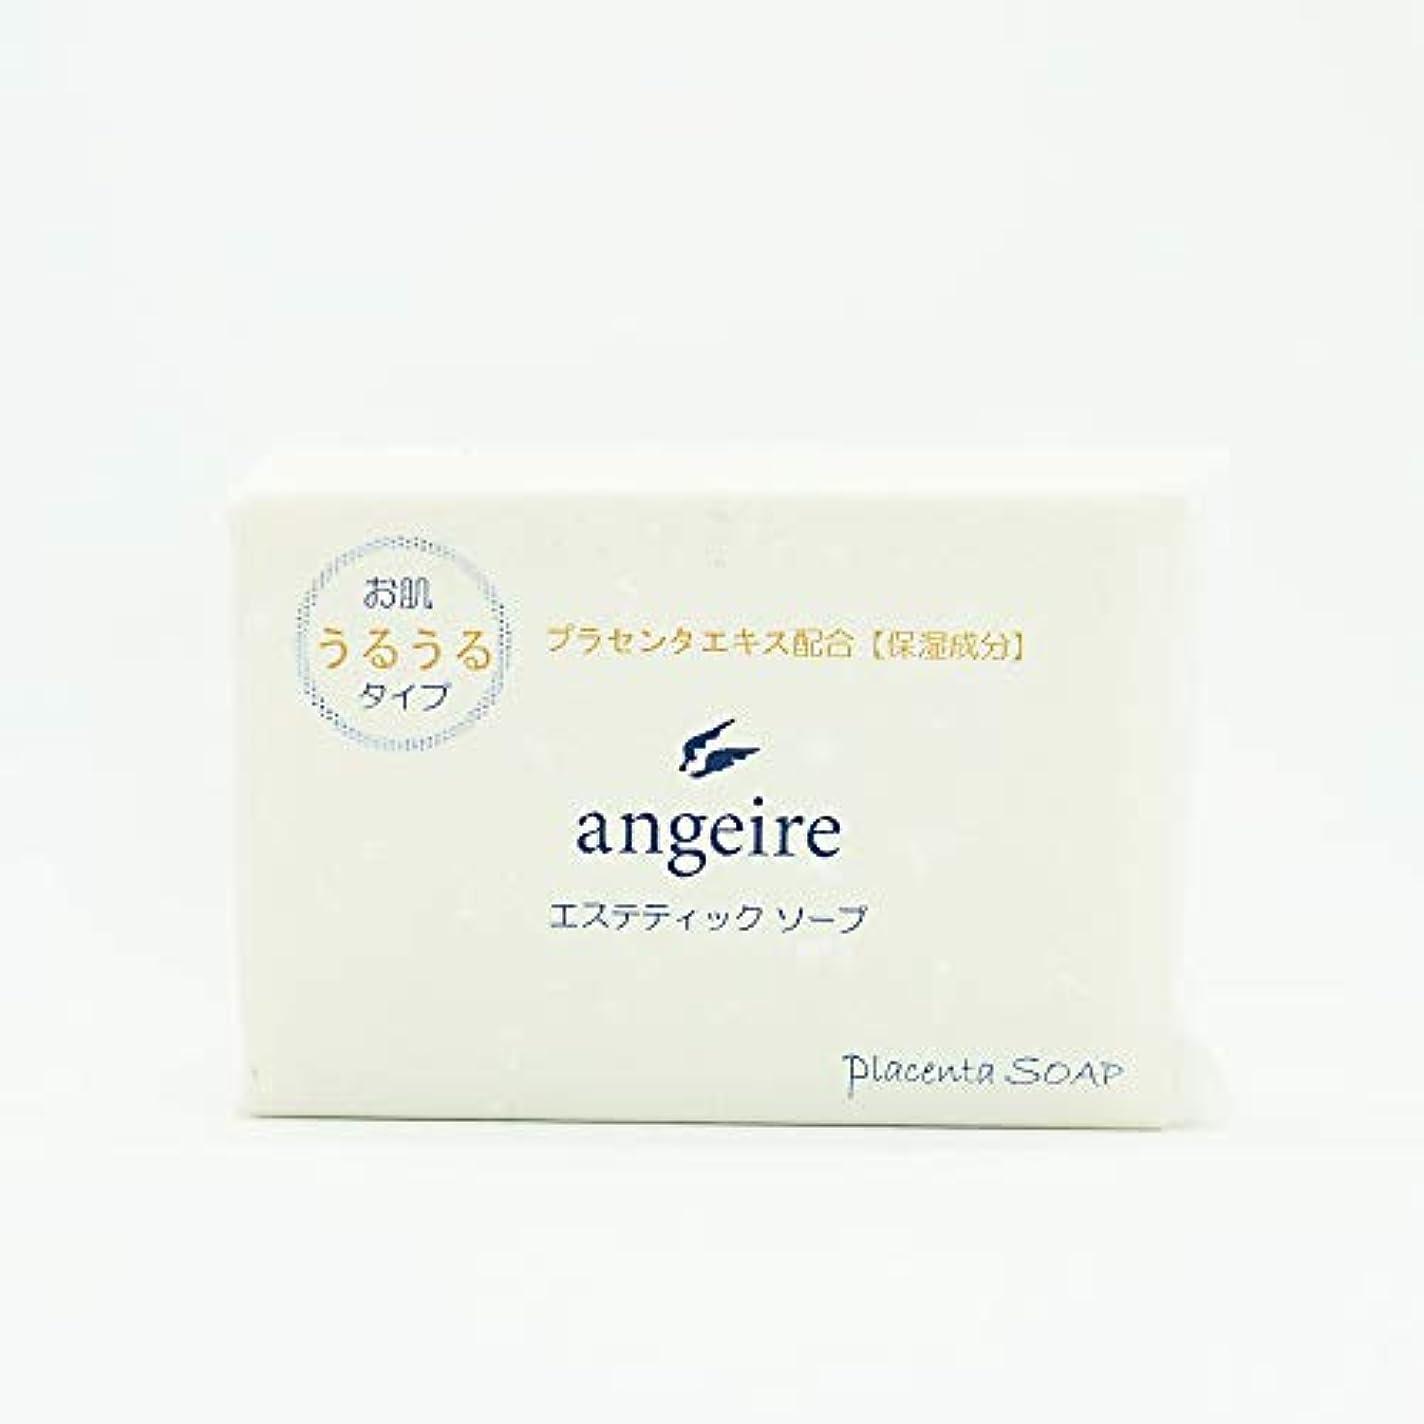 長方形パトワ書士angeire エステティックソープ お肌うるうるタイプ 天然アロマの香り